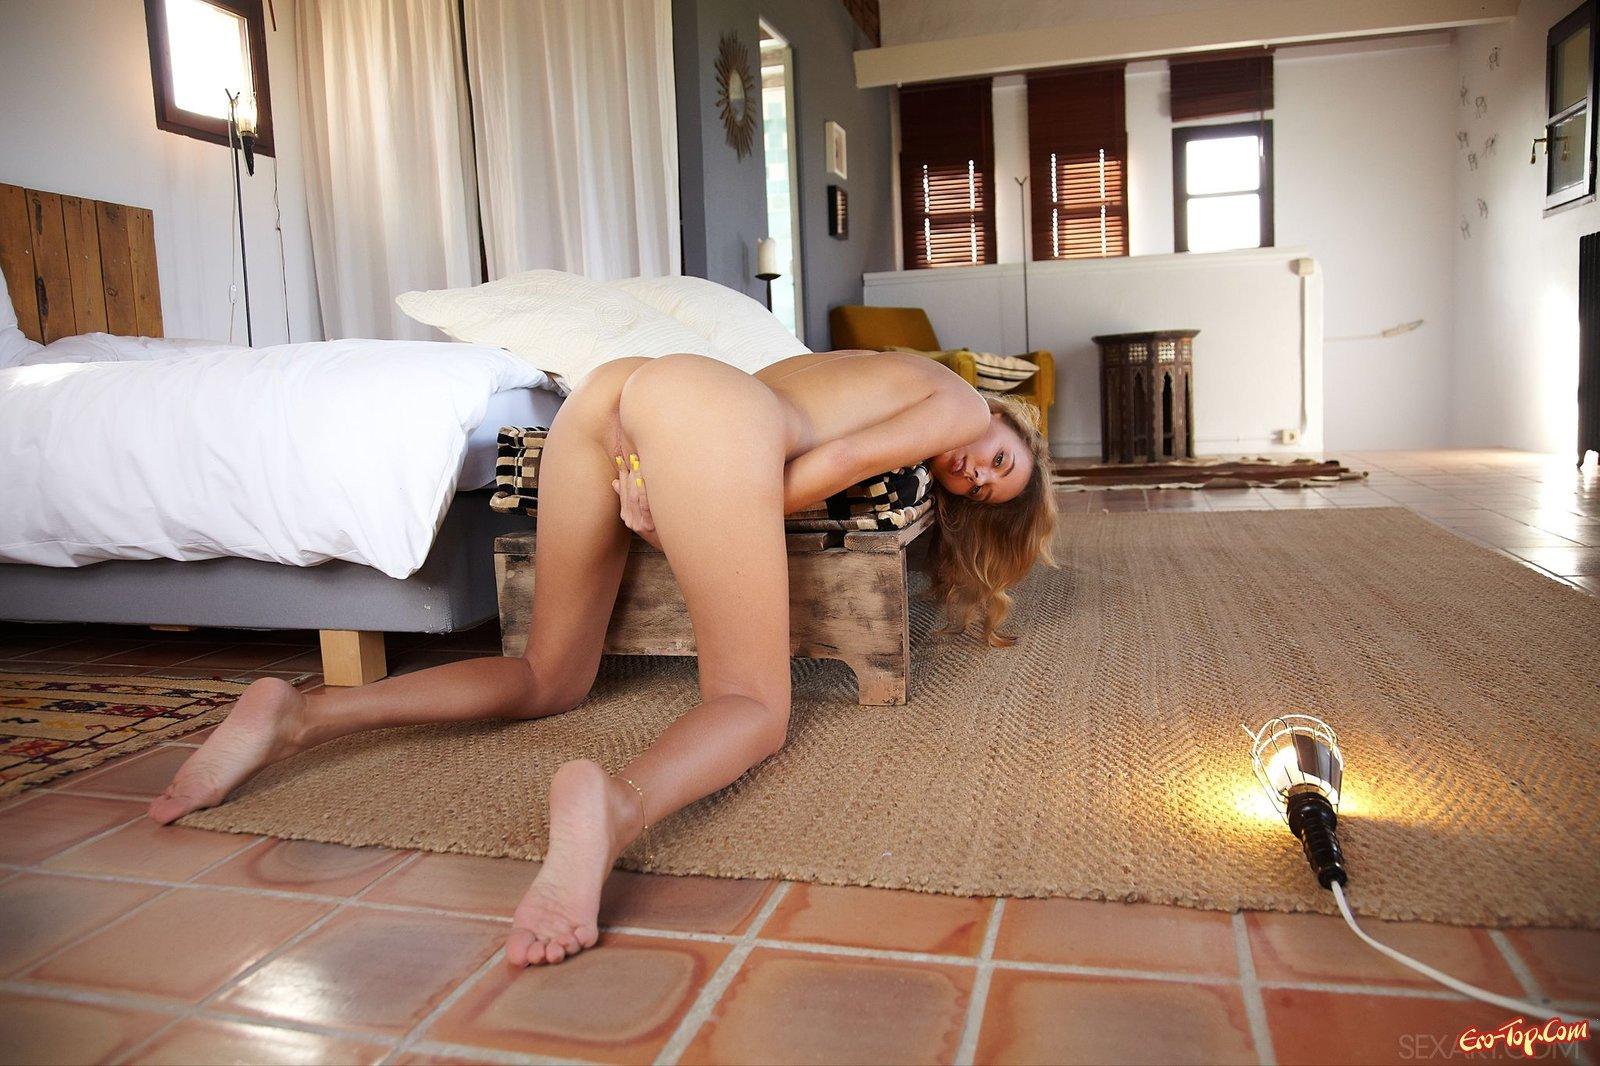 Голая деваха откровенно снимается в спальне